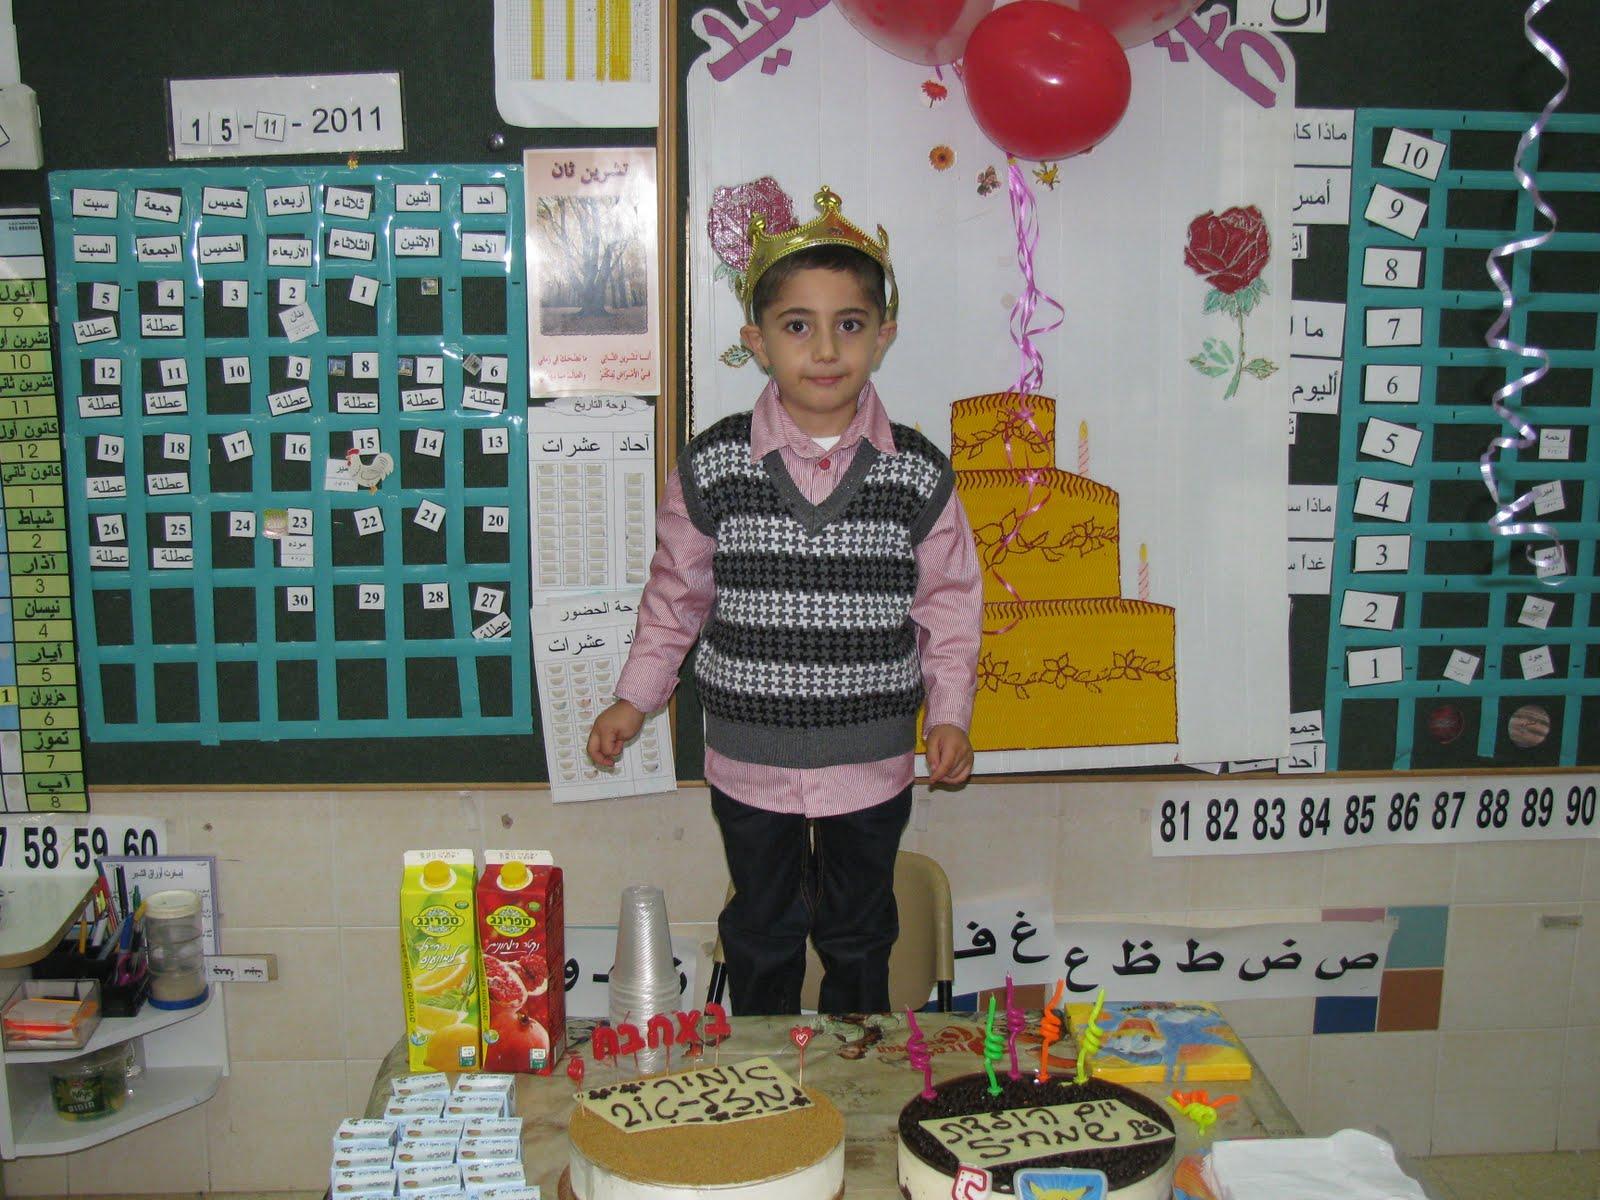 مدونة السنافر عيد ميلاد سعيد يا أمير